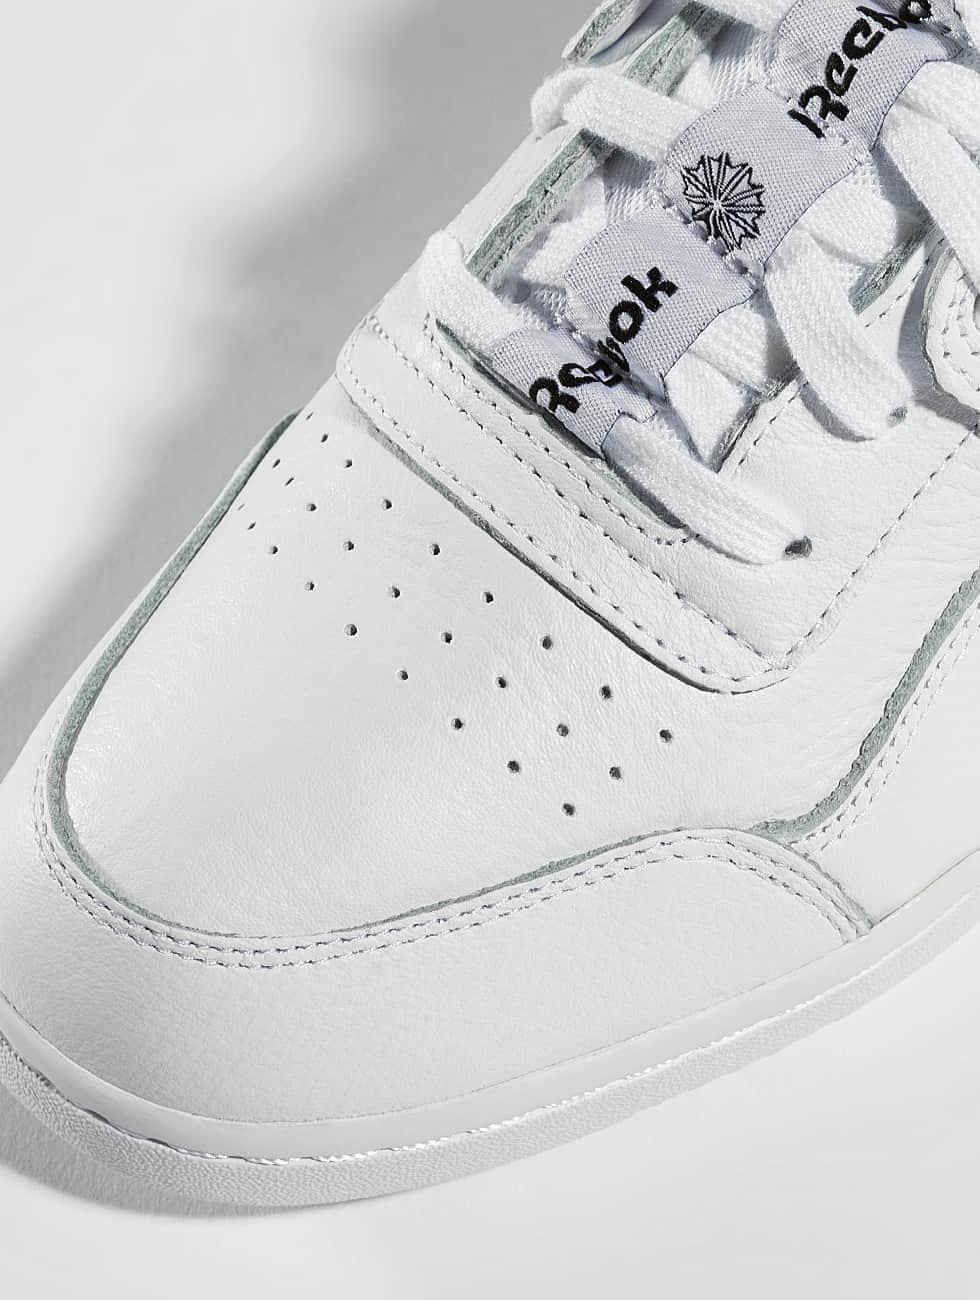 Reebok schoen / sneaker Workout Plus IT in wit 365039 Goede Deals Keuze Goedkope Prijs Goedkoop Kopen Zeer Goedkoop 100% Authentiek Te Koop 3FYQIRBRp